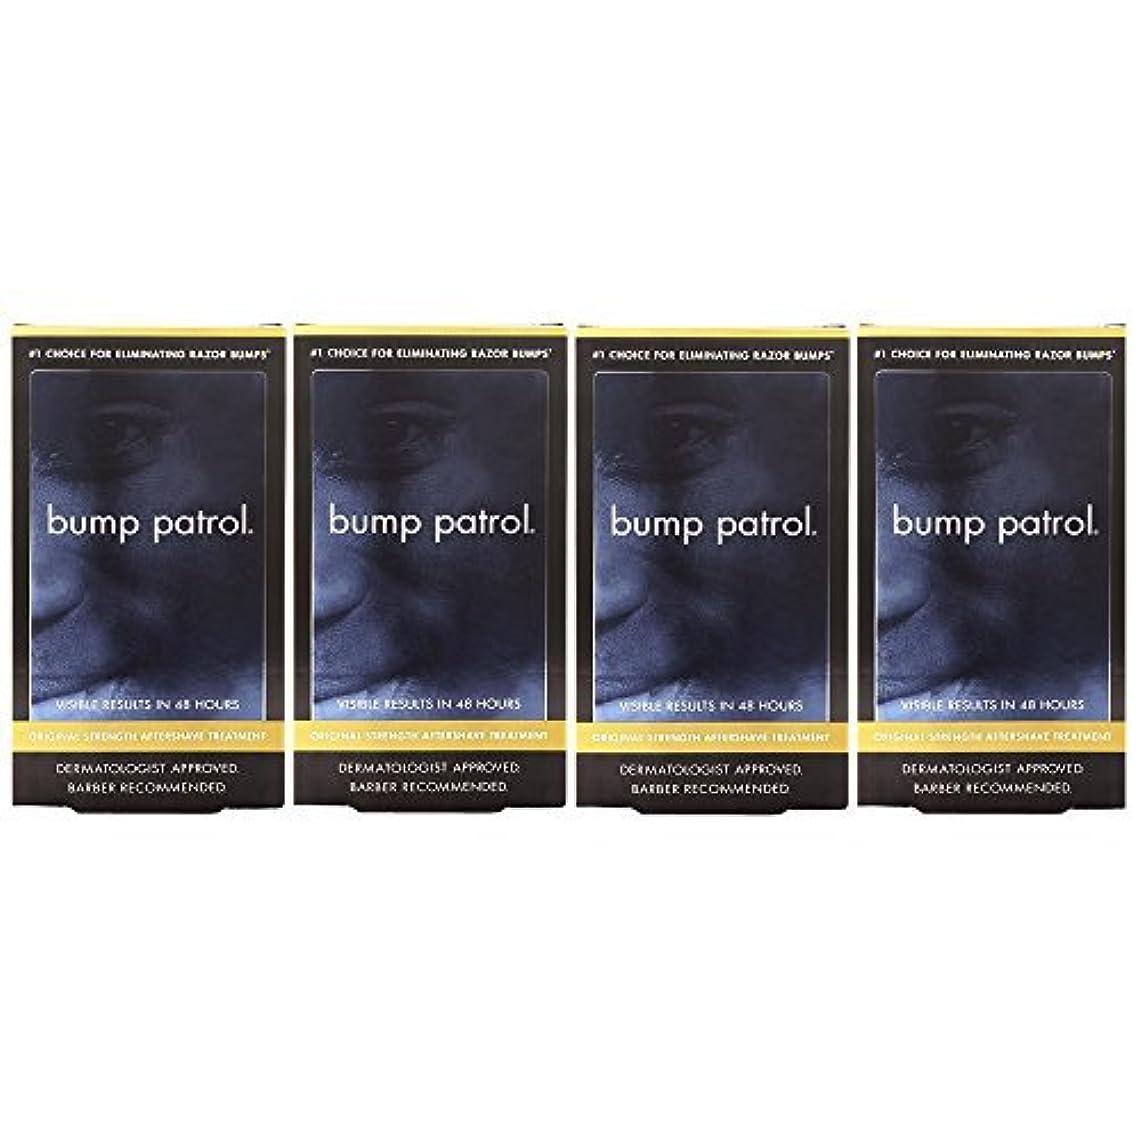 余分な泥眠っているBump Patrol Dermatologist Approved Original Strength Aftershave Treatment (2 oz) 4 Pack [並行輸入品]